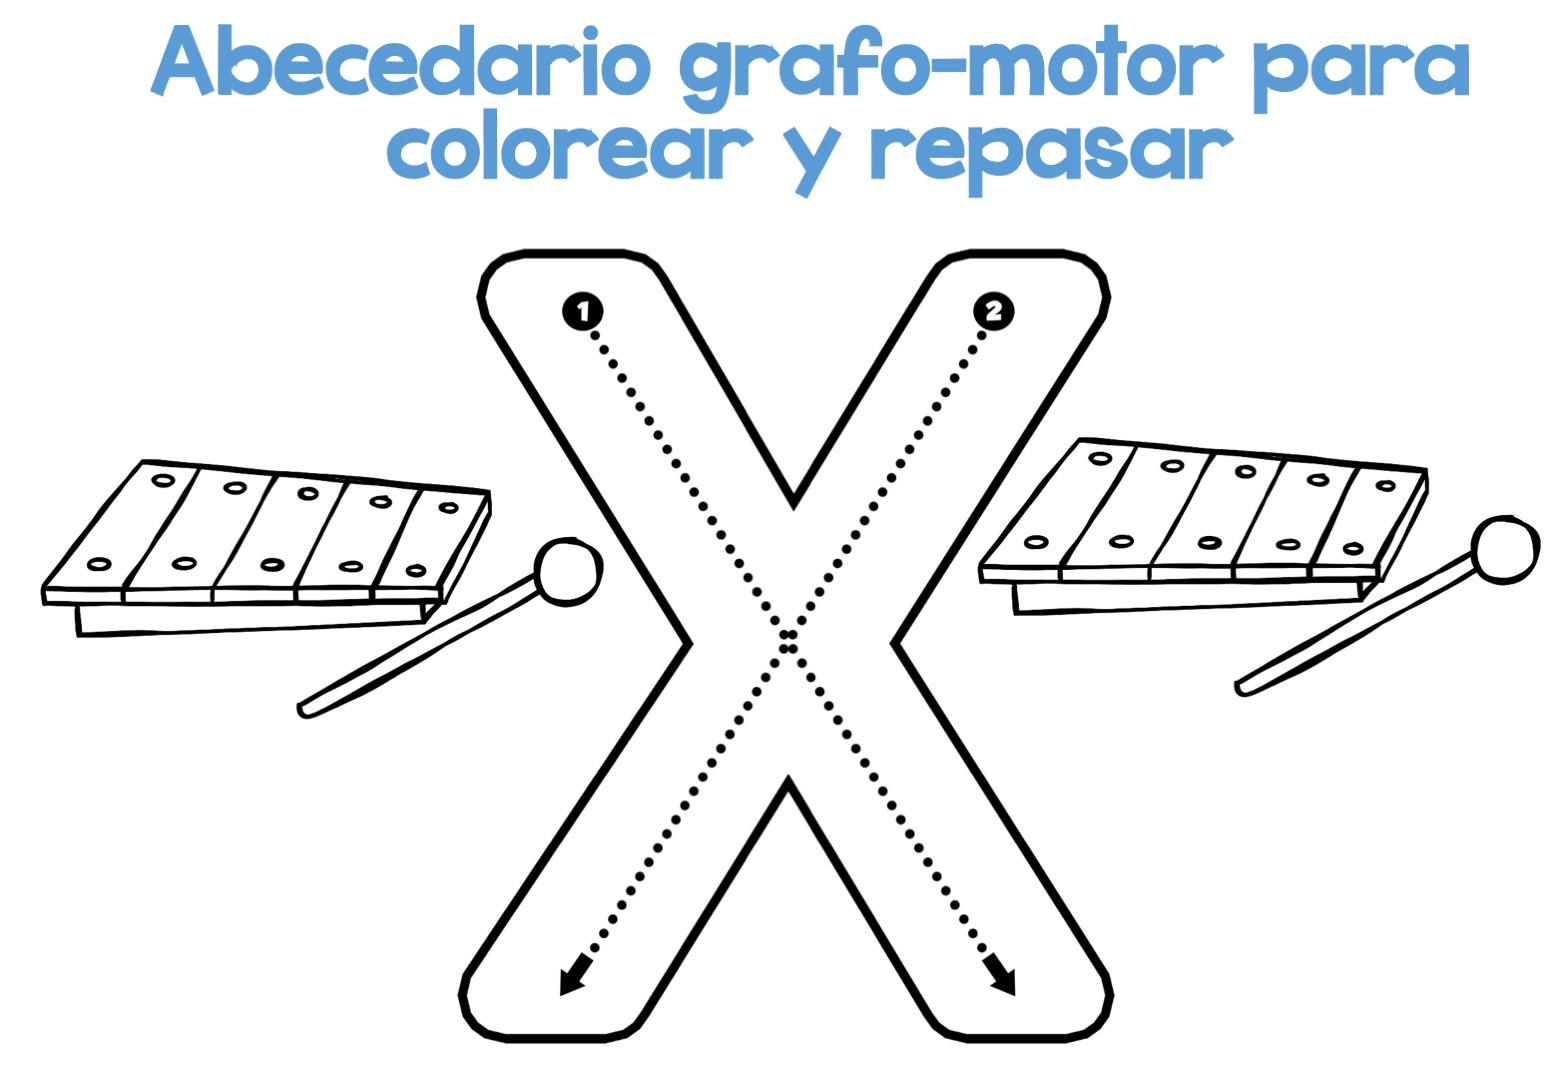 Fichas Del Abecedario Para Colorear Niños De Infantil Y: Completo Abecedario Grafo-motor Para Colorear Y Repasar25